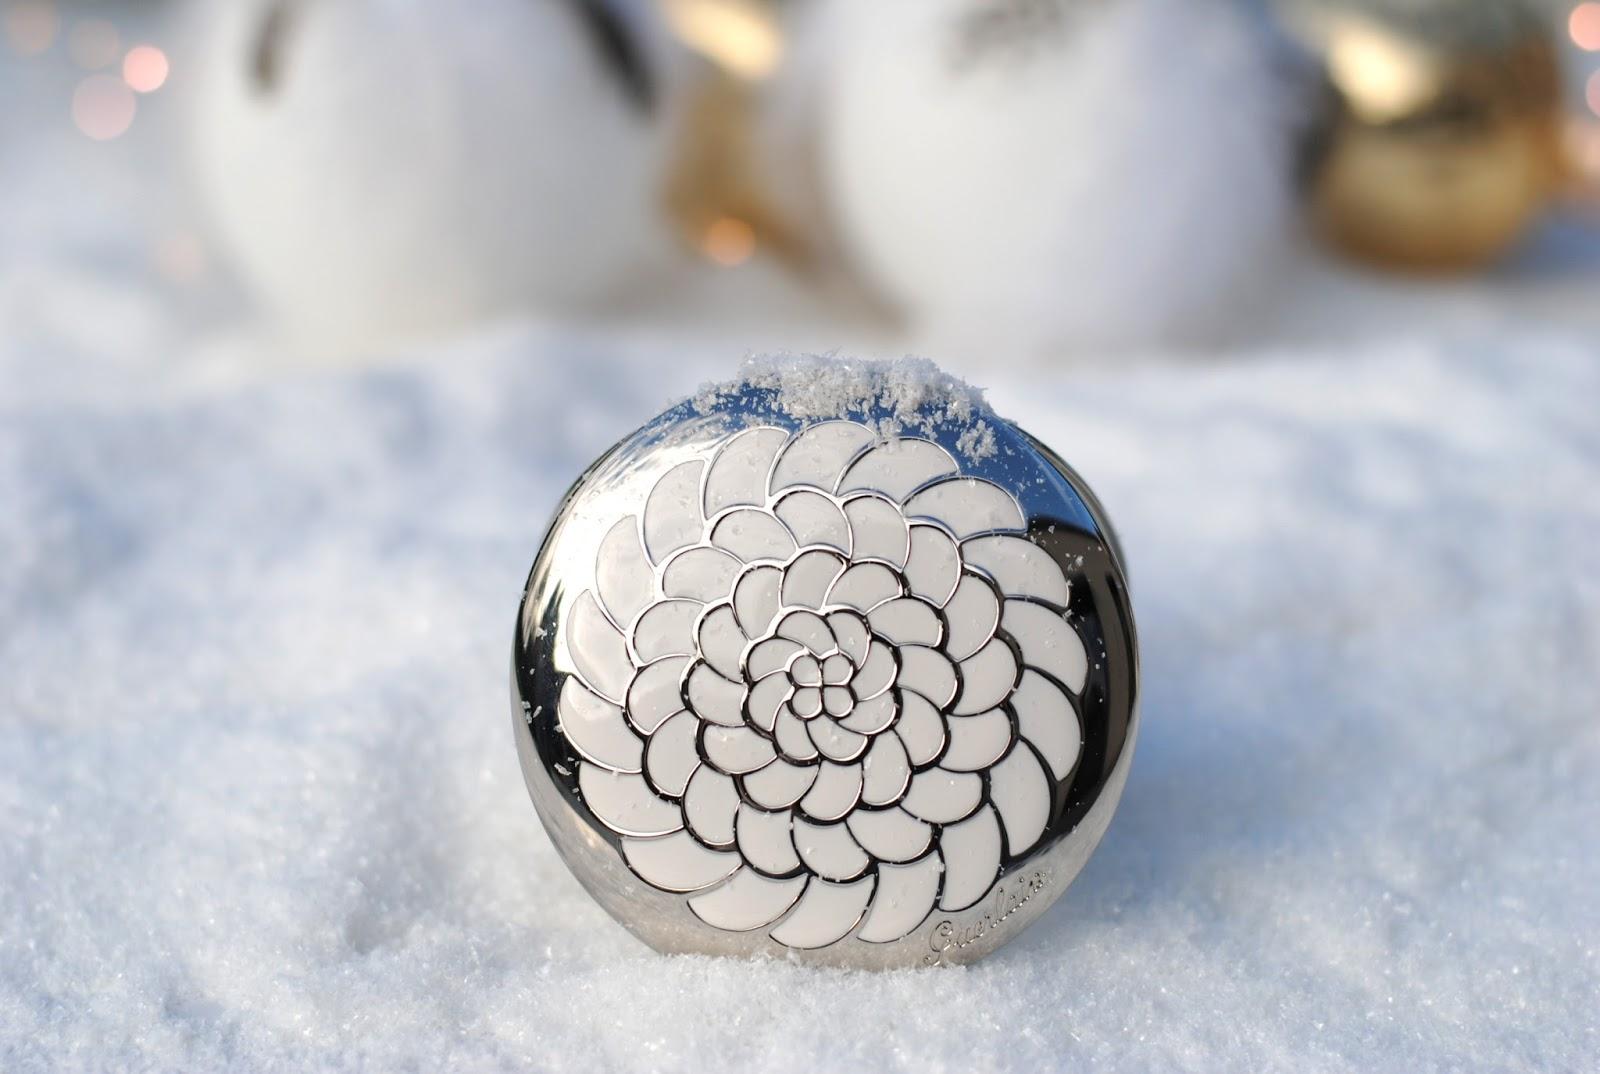 guerlain neiges merveilles review meteorites voyage enchante